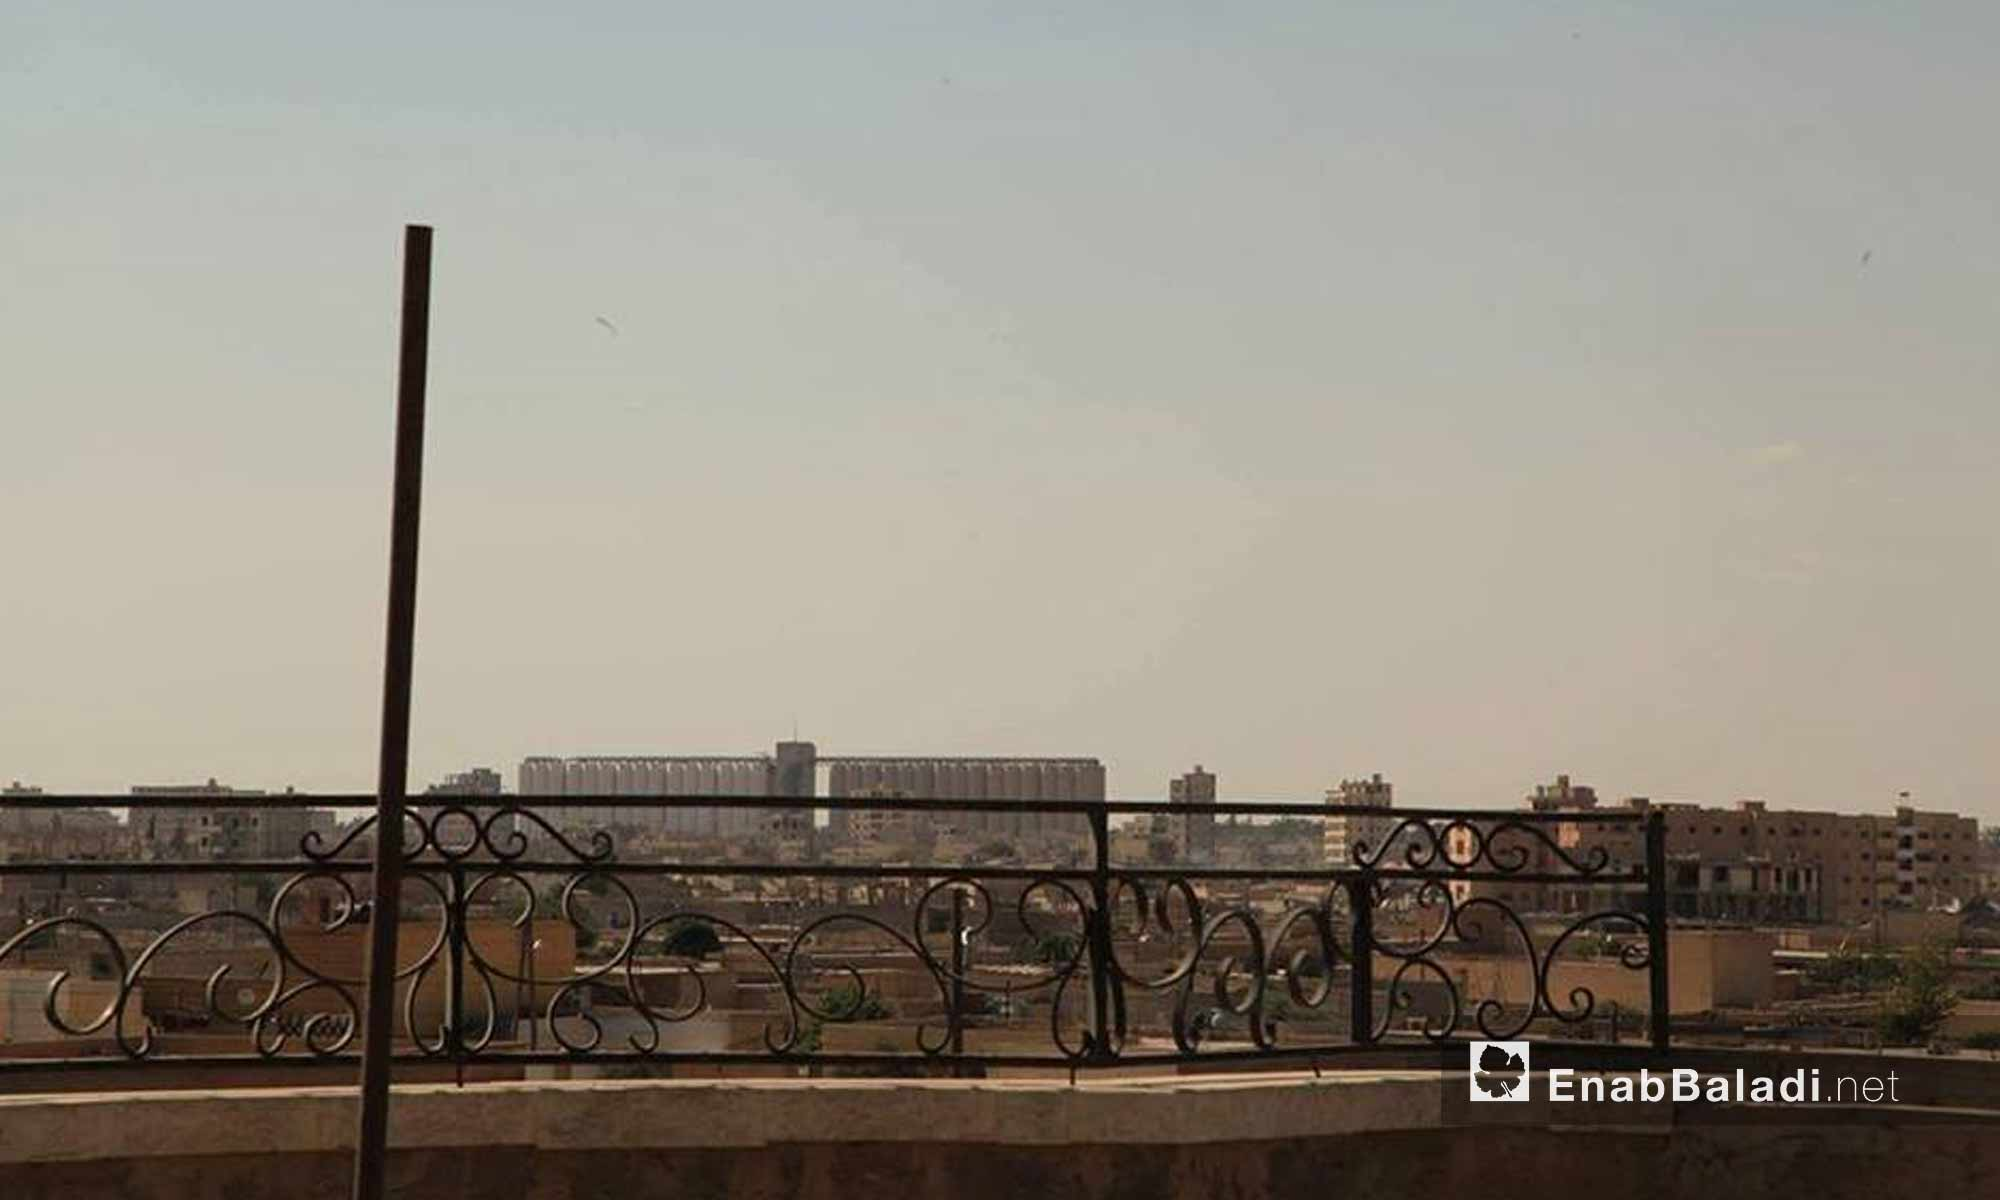 حي الصناعة في مدينة الرقة بعد سيطرة قوات سوريا الديموقراطية عليه - 28 تموز 2017 - (عنب بلدي)